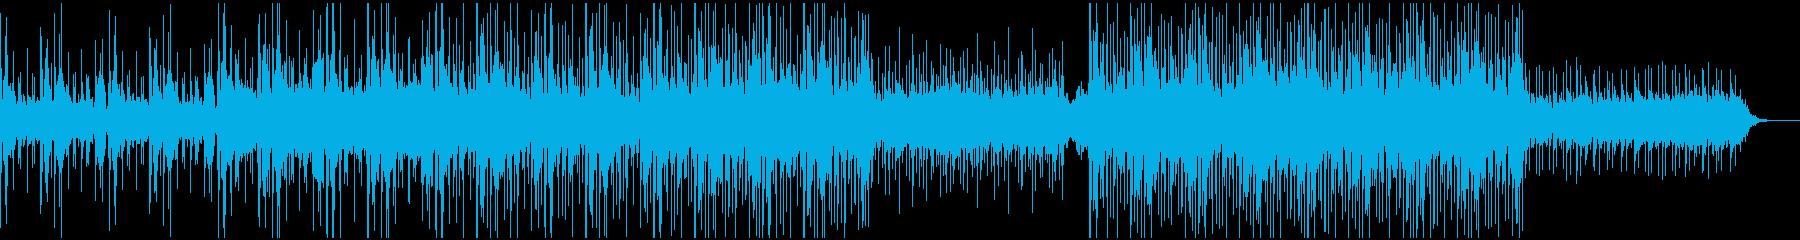 奇妙 空想 エレクトロ マニアックの再生済みの波形